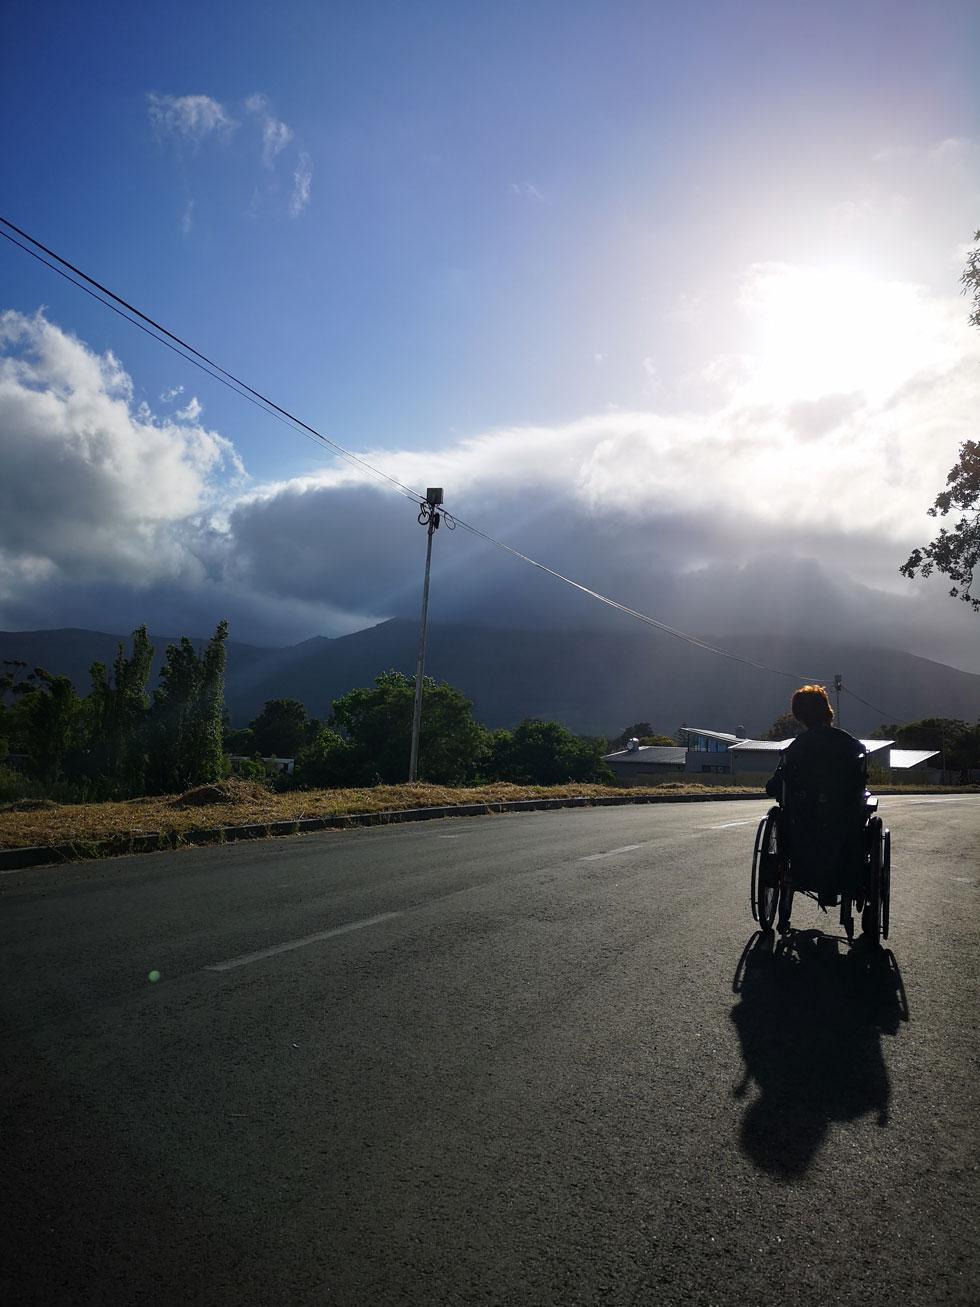 Foto: Kapstadt in der Abenddämmerung. Blick auf Berge, die von Wolken bedeckt werden. Sonne sticht hervor. Ich mit Rolli von hinten zu sehen.